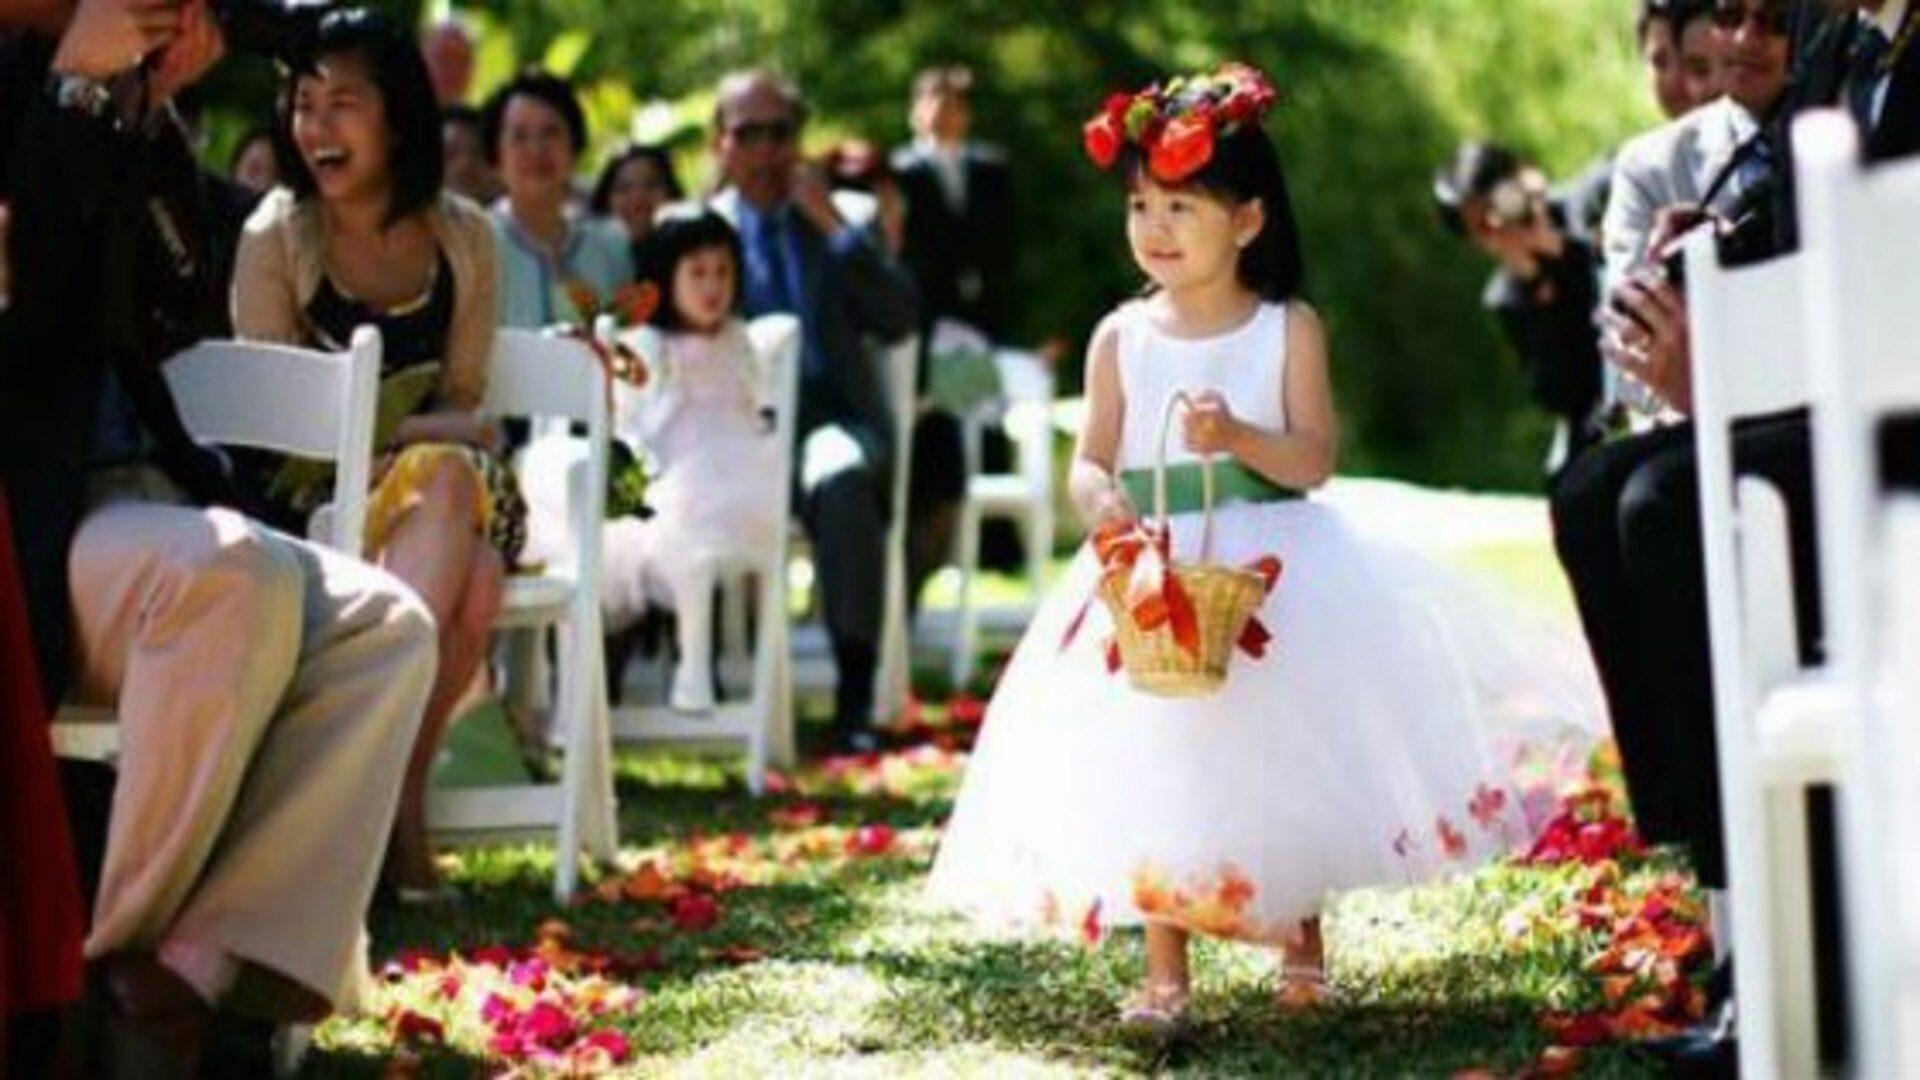 Соблюдение традиций поможет сделать свадьбу ярче